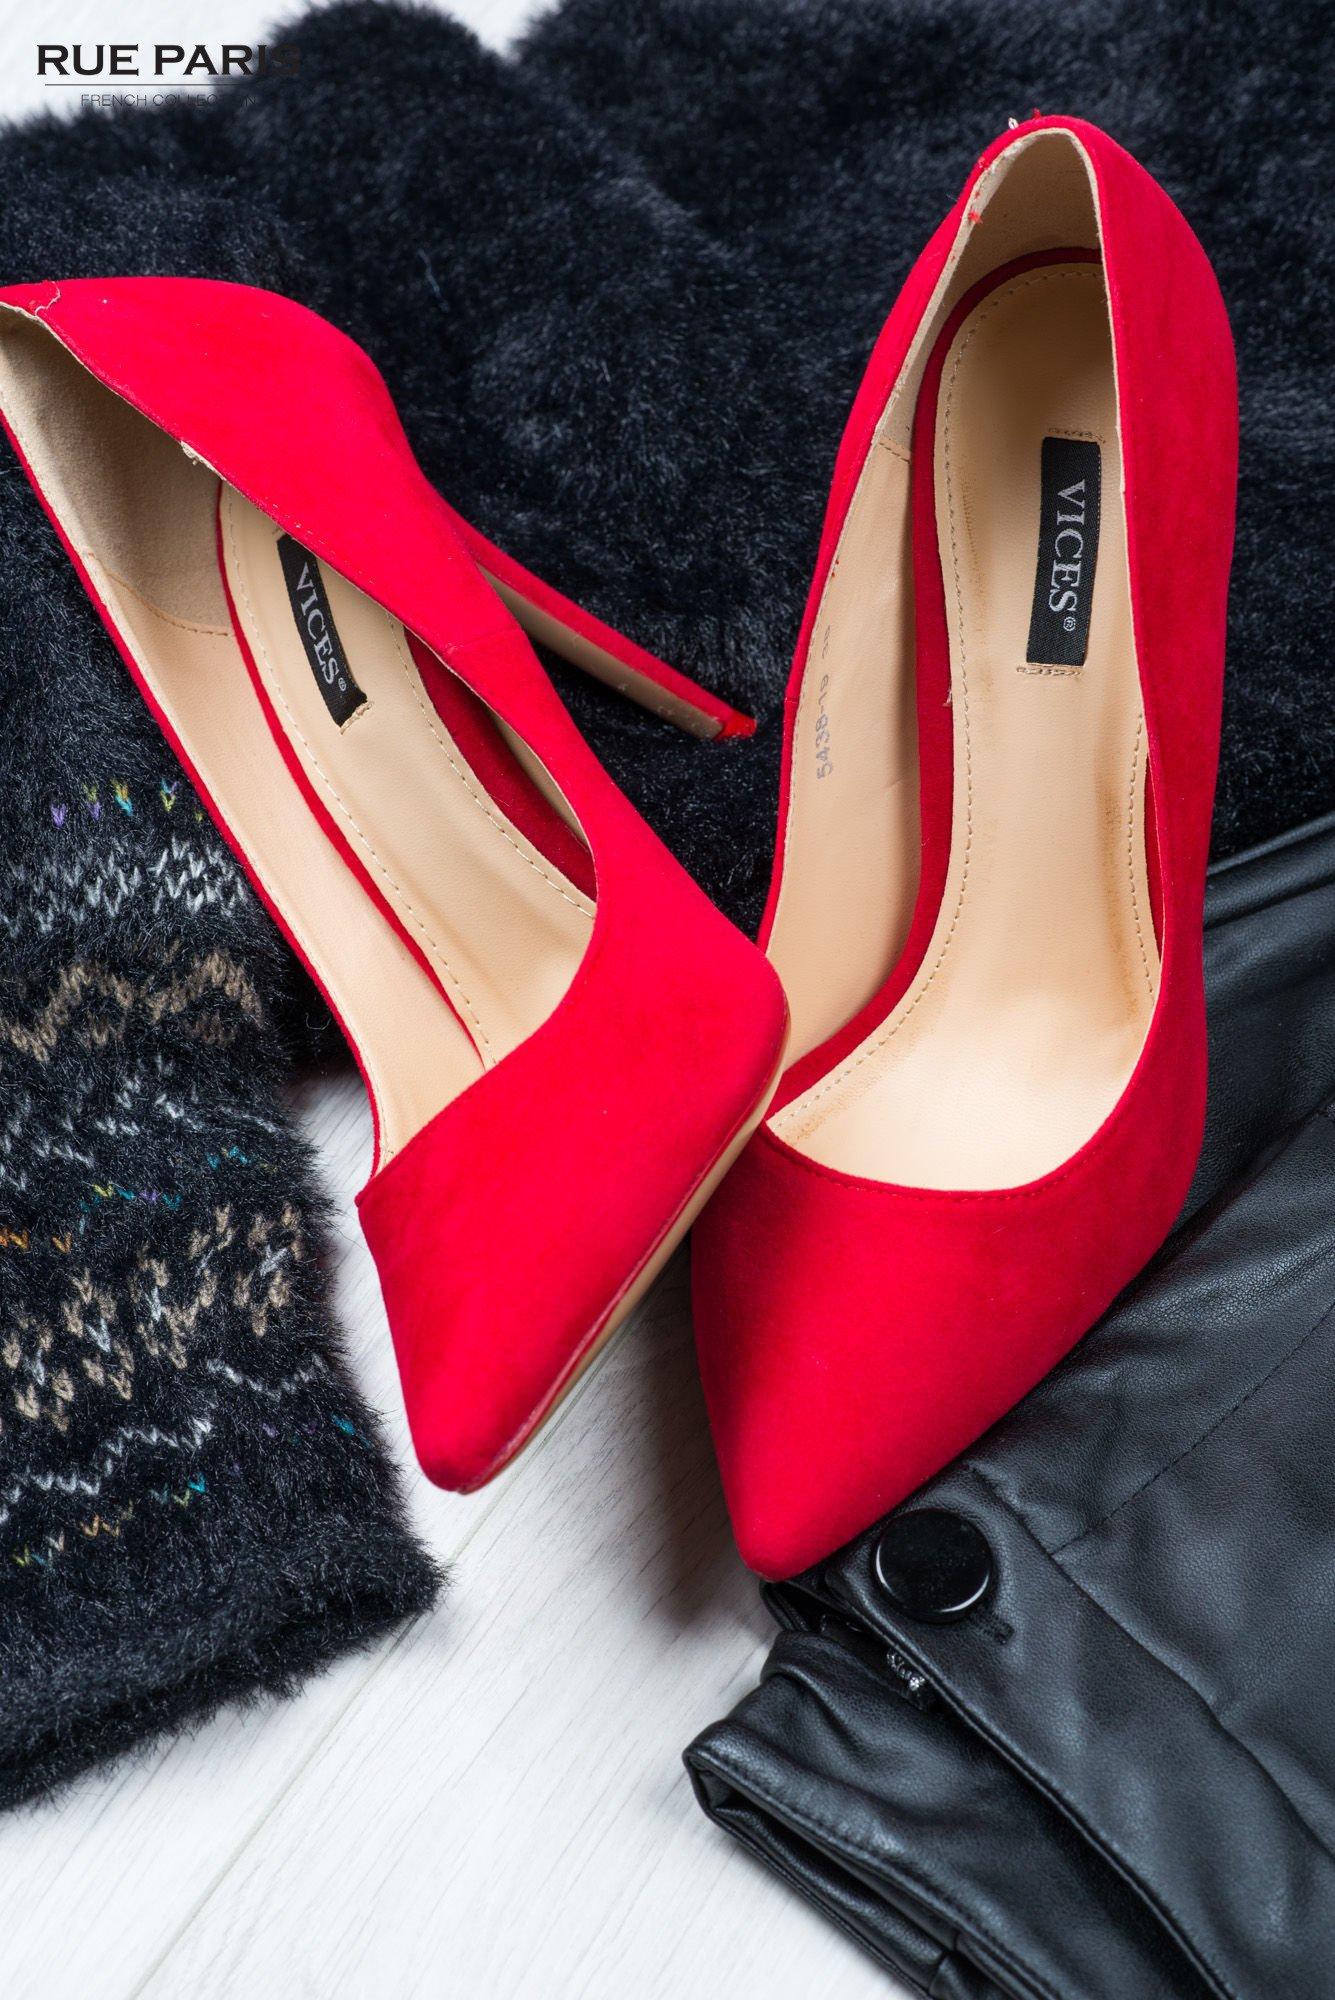 Czerwone zamszowe czółenka na szpilce faux suede                                  zdj.                                  1